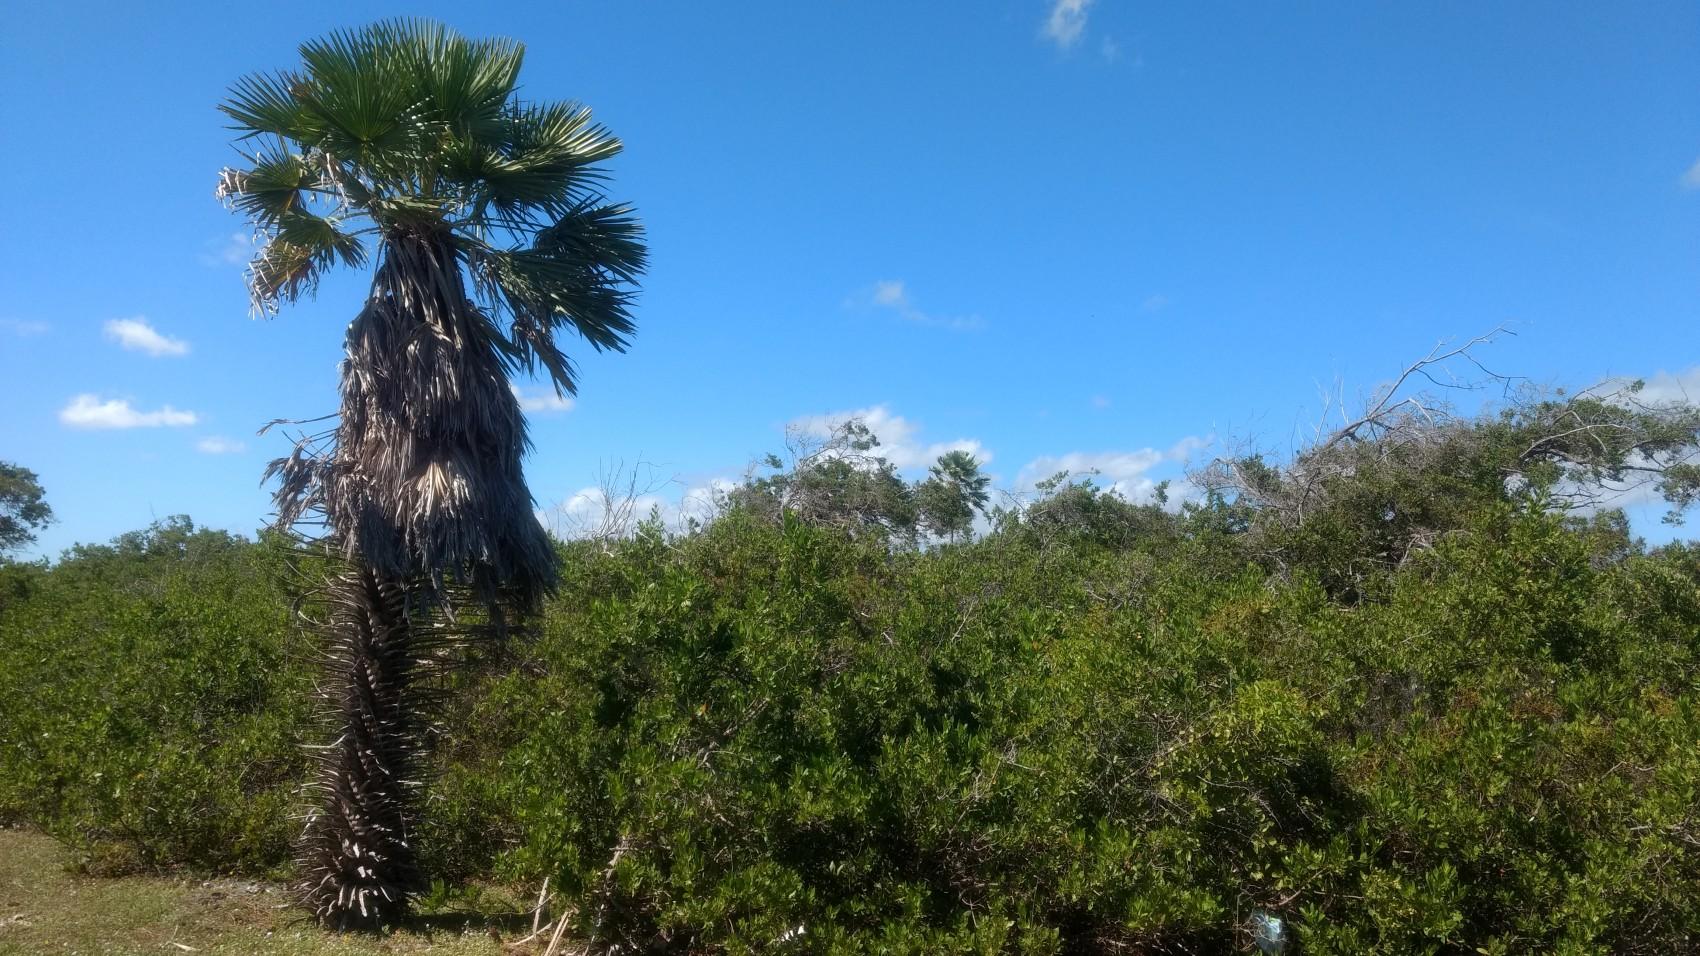 """Figura 19 – Formação com predomínio de arbustos (""""arbustaria"""") em Luís Correia (PI) com amplo predomínio de Conocarpus erectus (Combretaceae) e Ximenia americana (Olacaceae). Fonte: Arquivo pessoal."""